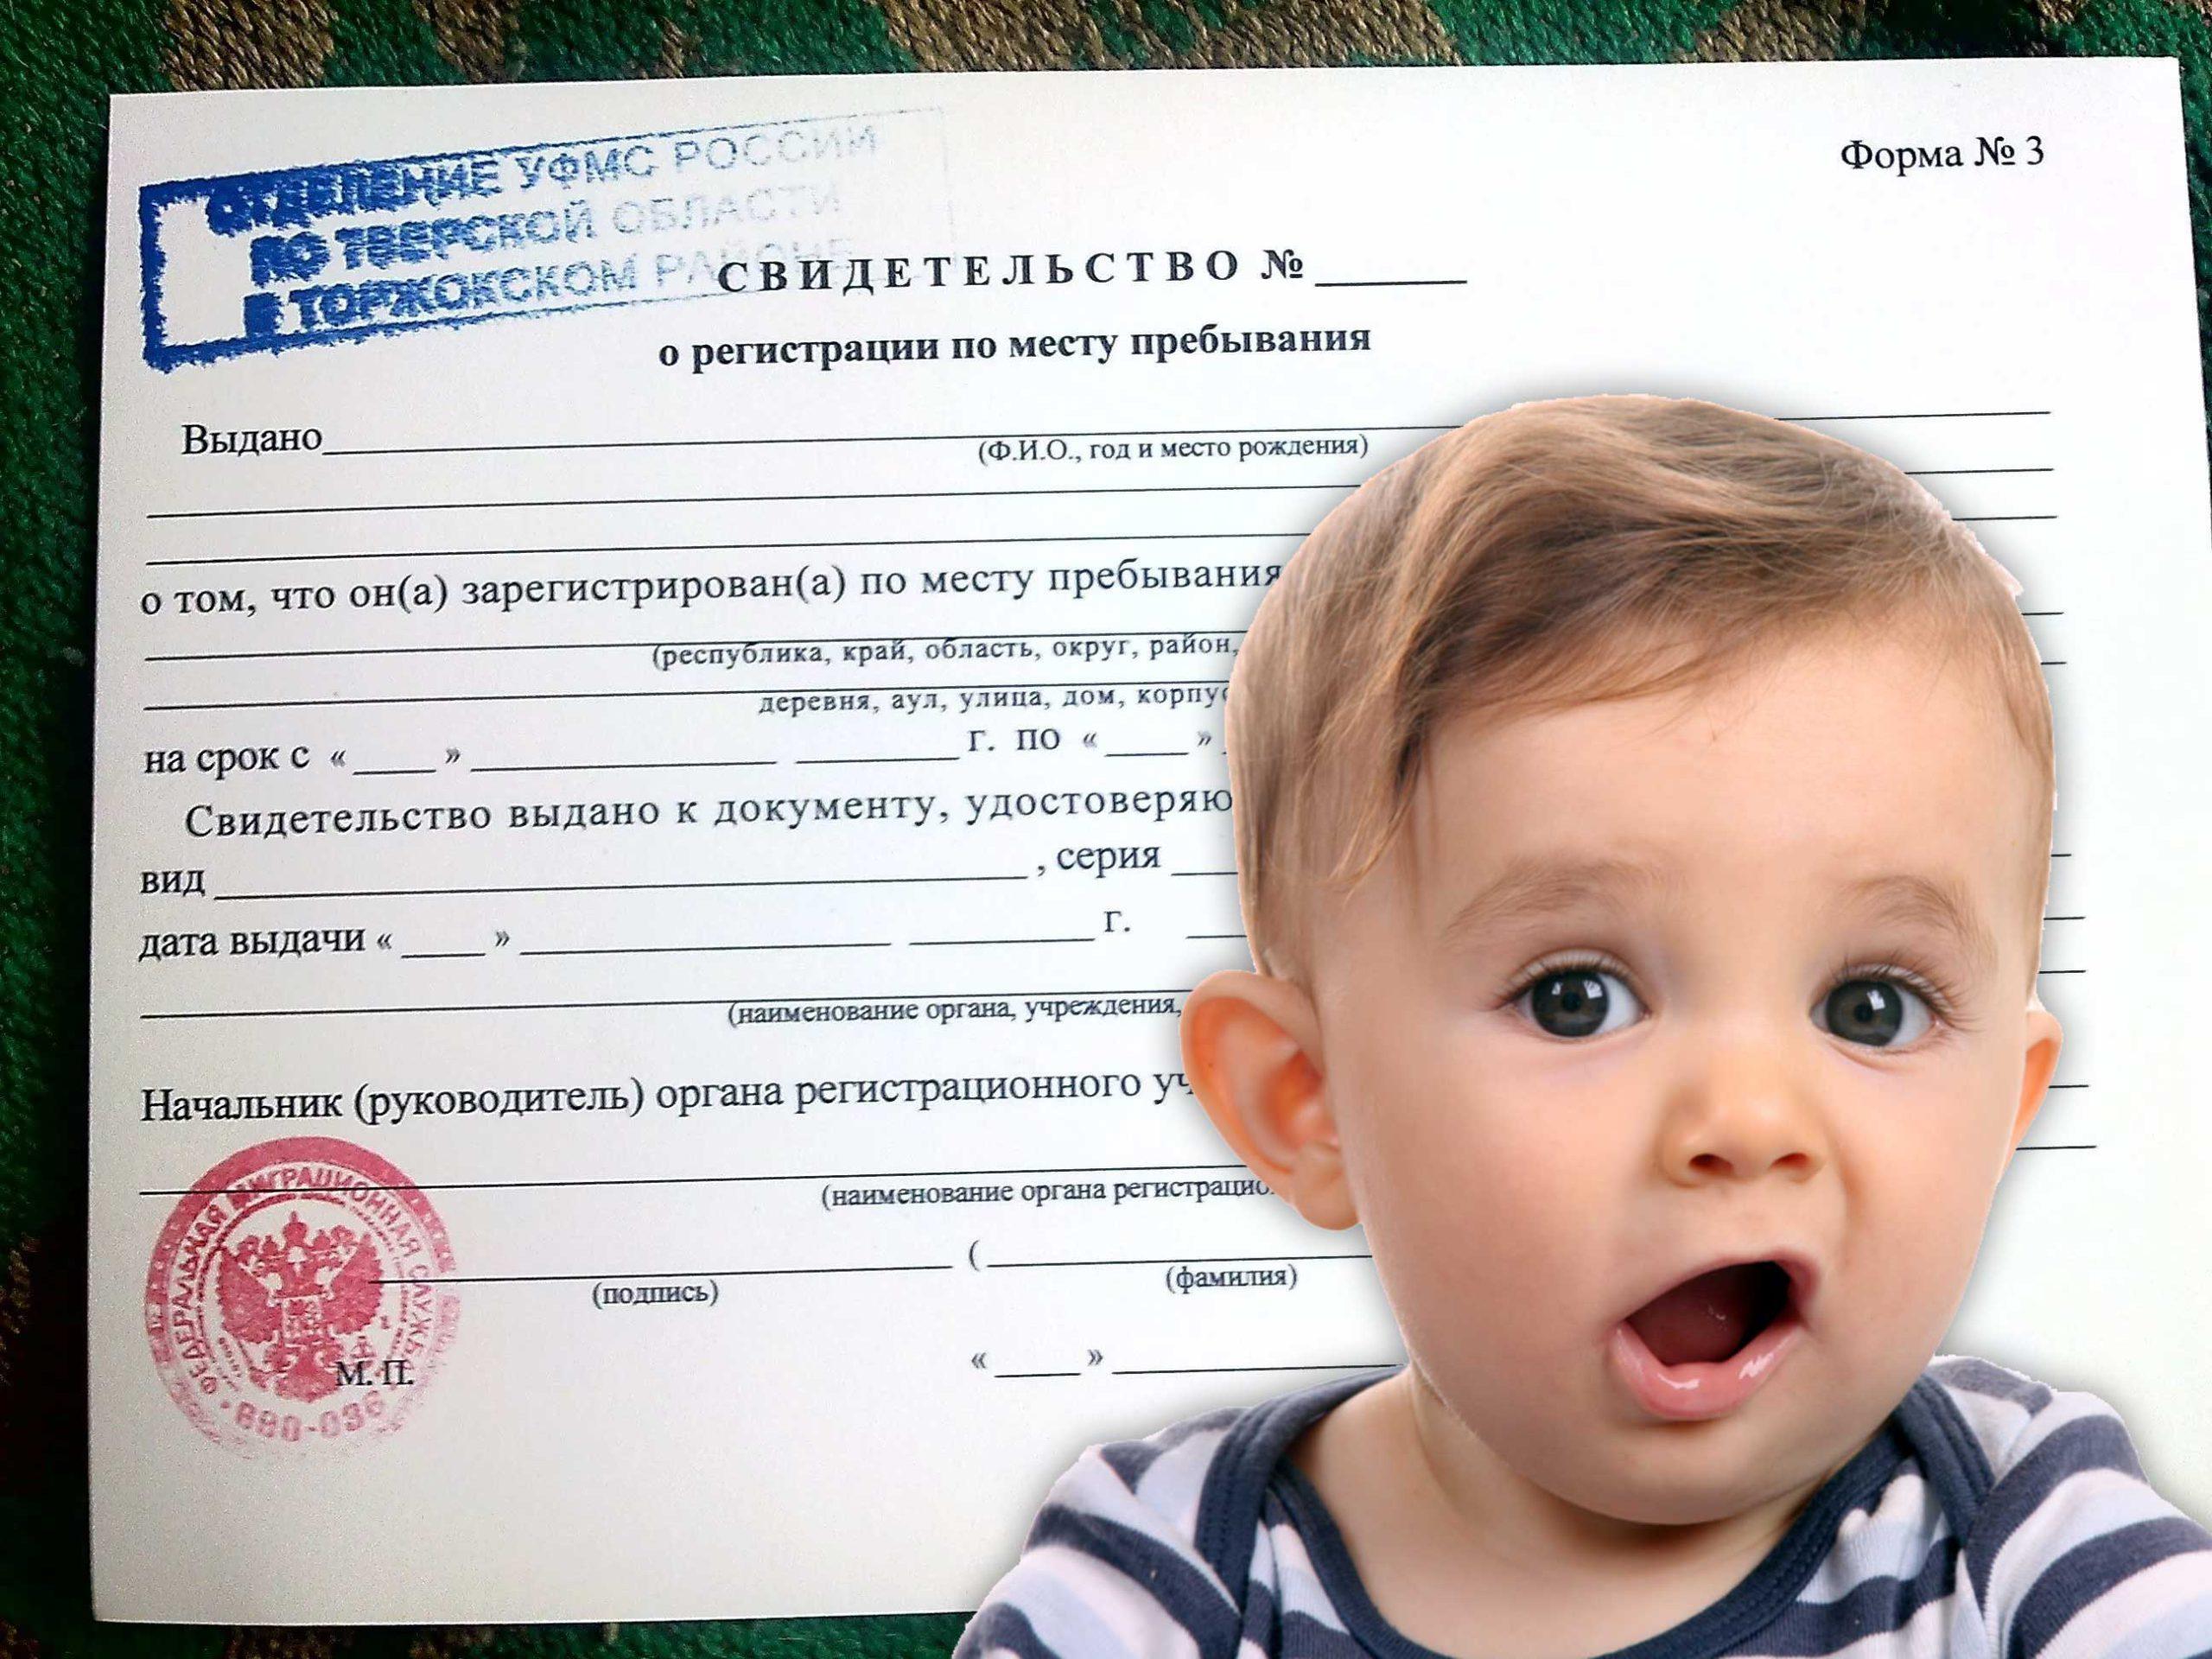 Чем опасна временная регистрация несовершеннолетнего для собственника?